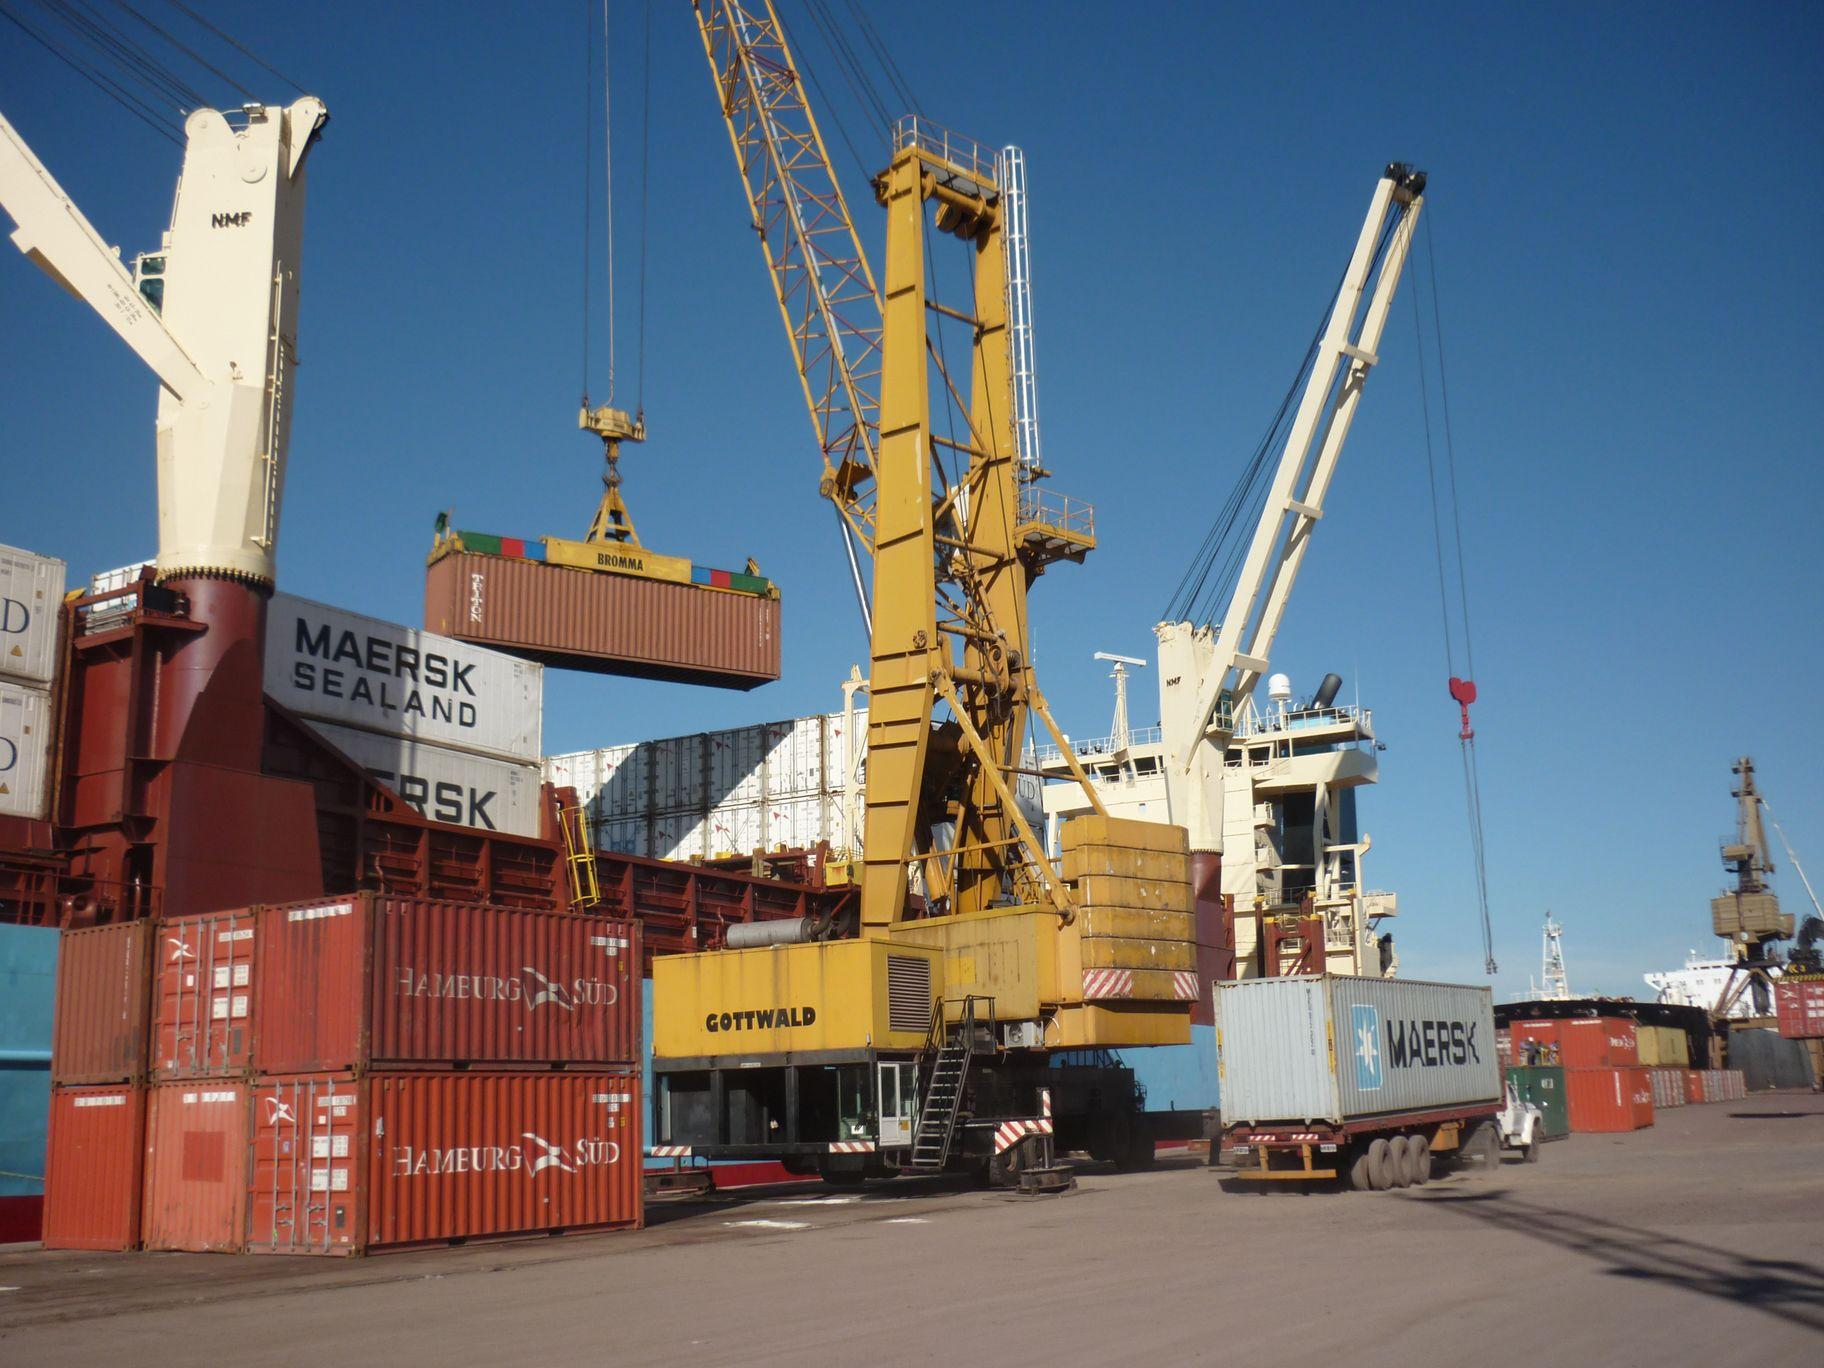 Intercambio comercial e integración sudamericana en la zona franca que Paraguay posse en el puerto de Rosario